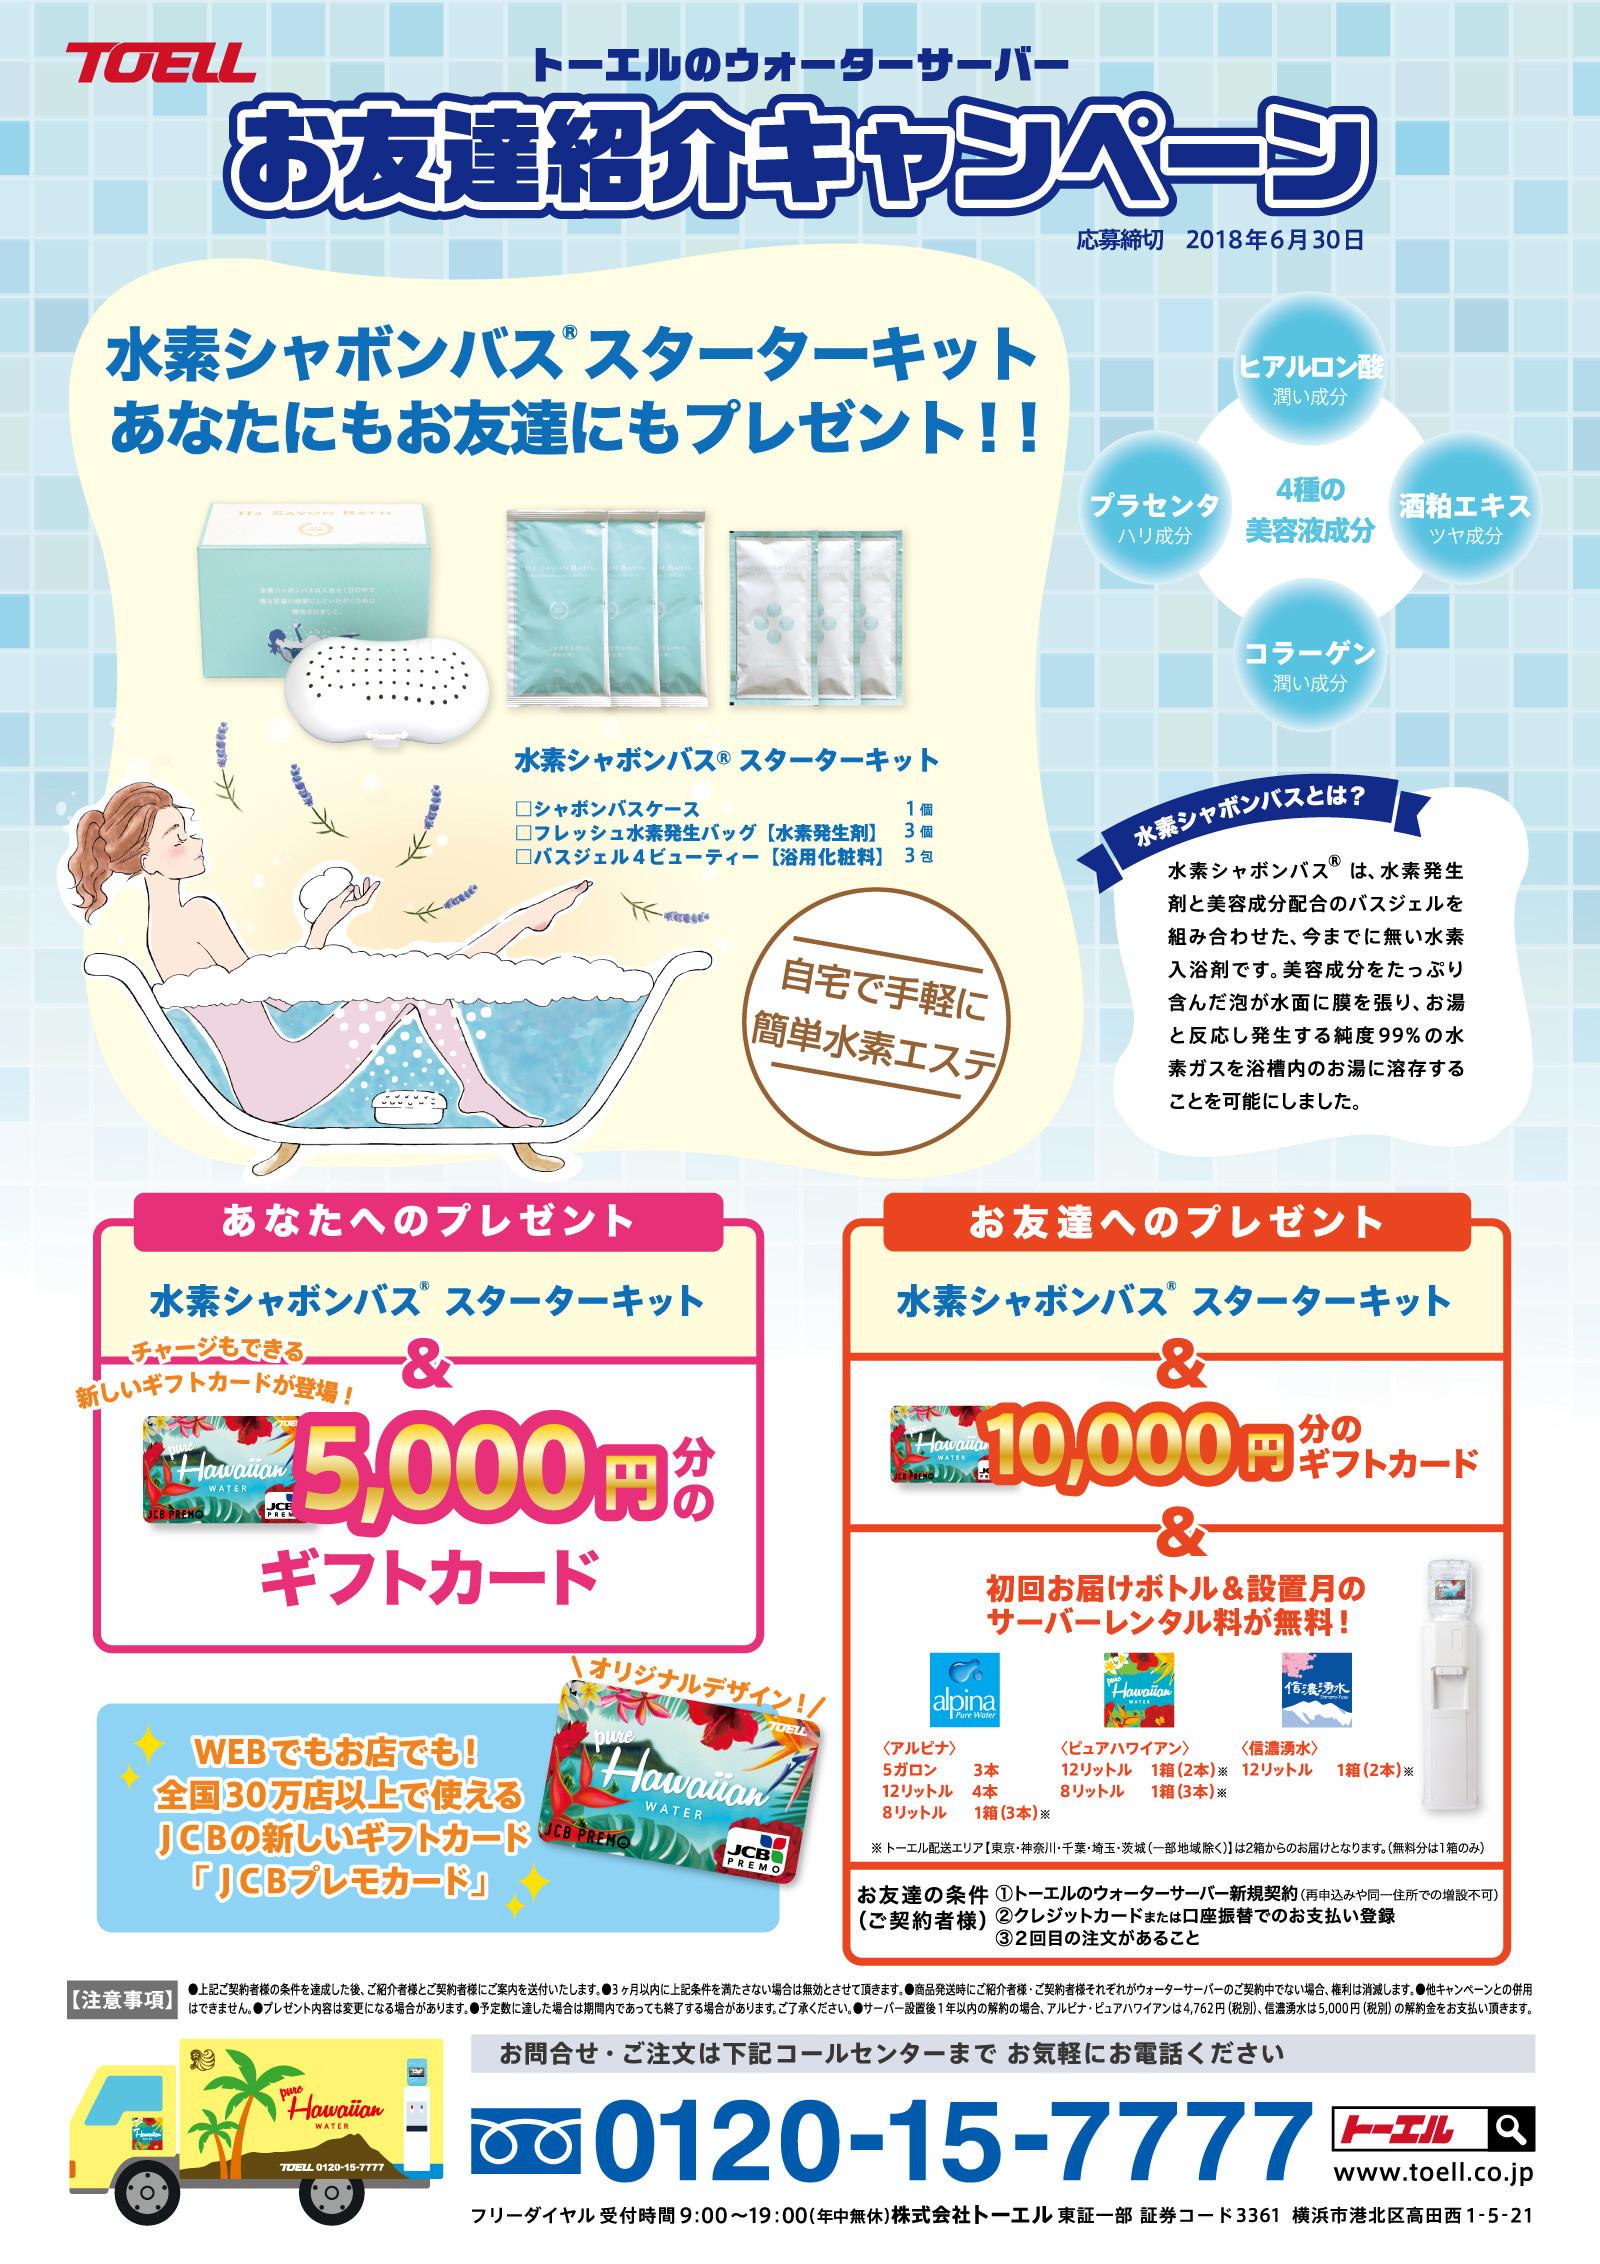 信濃湧水紹介キャンペーン